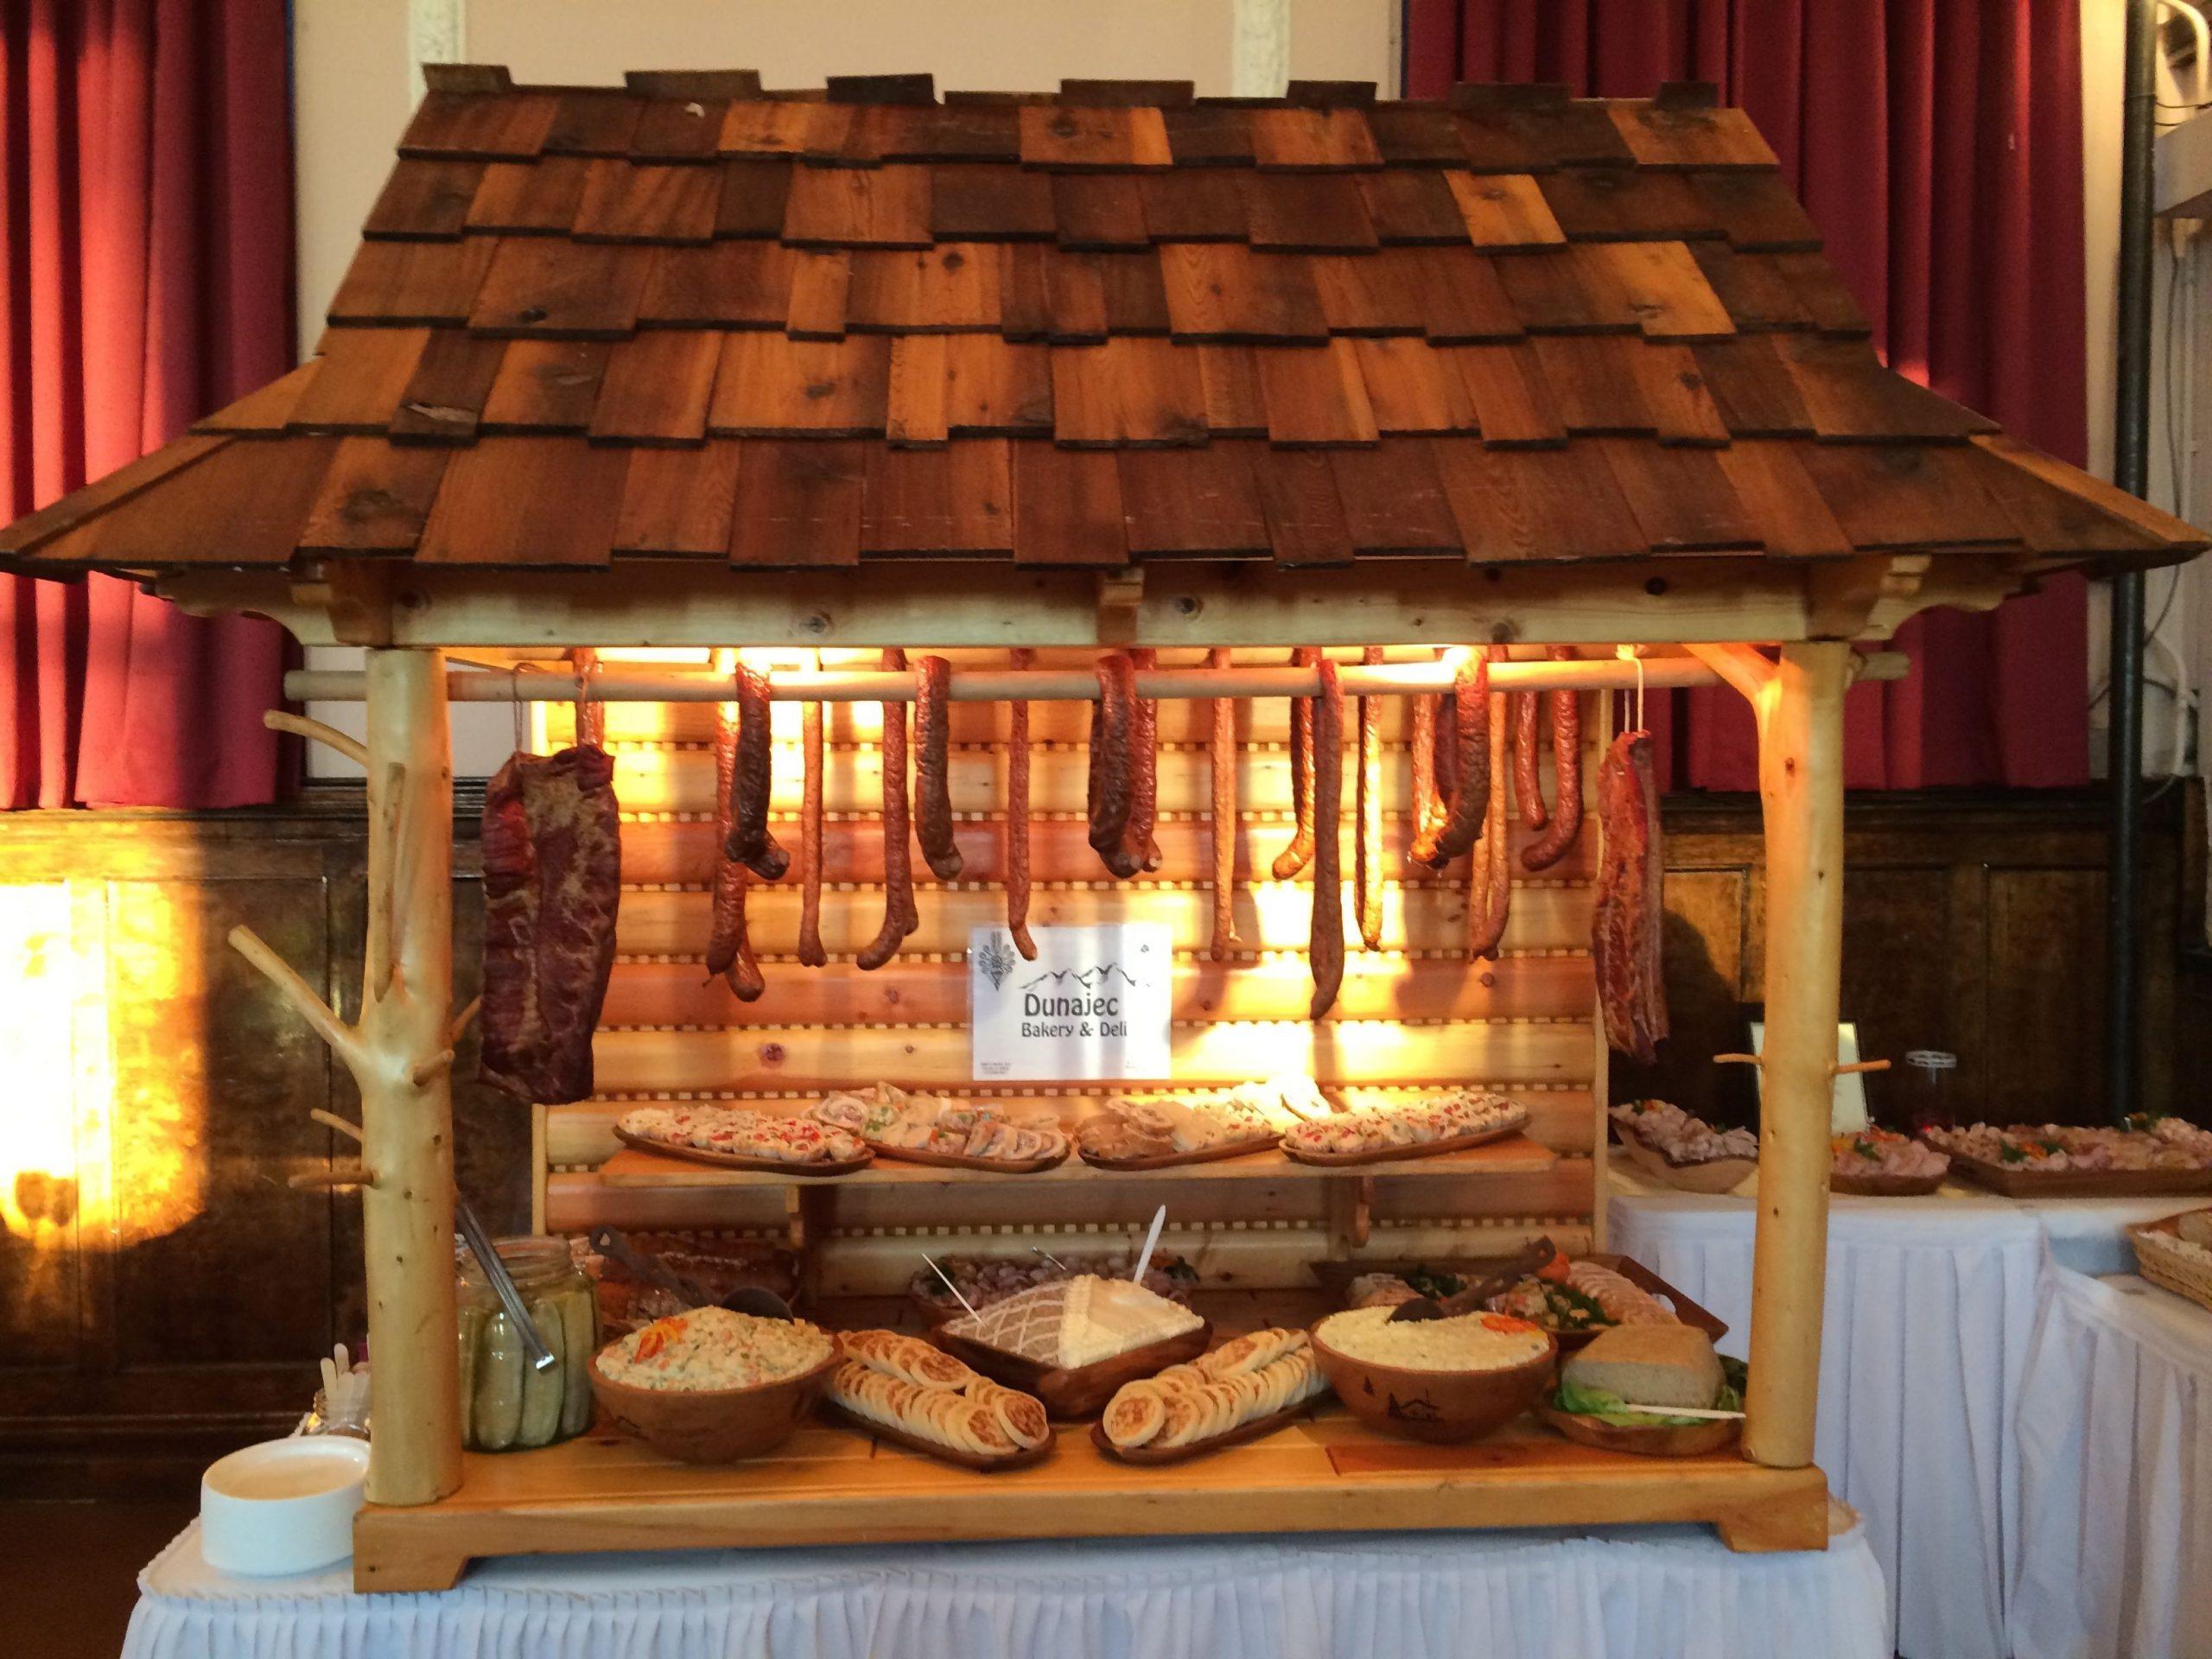 Meat hut from Dunajec Bakery & Deli